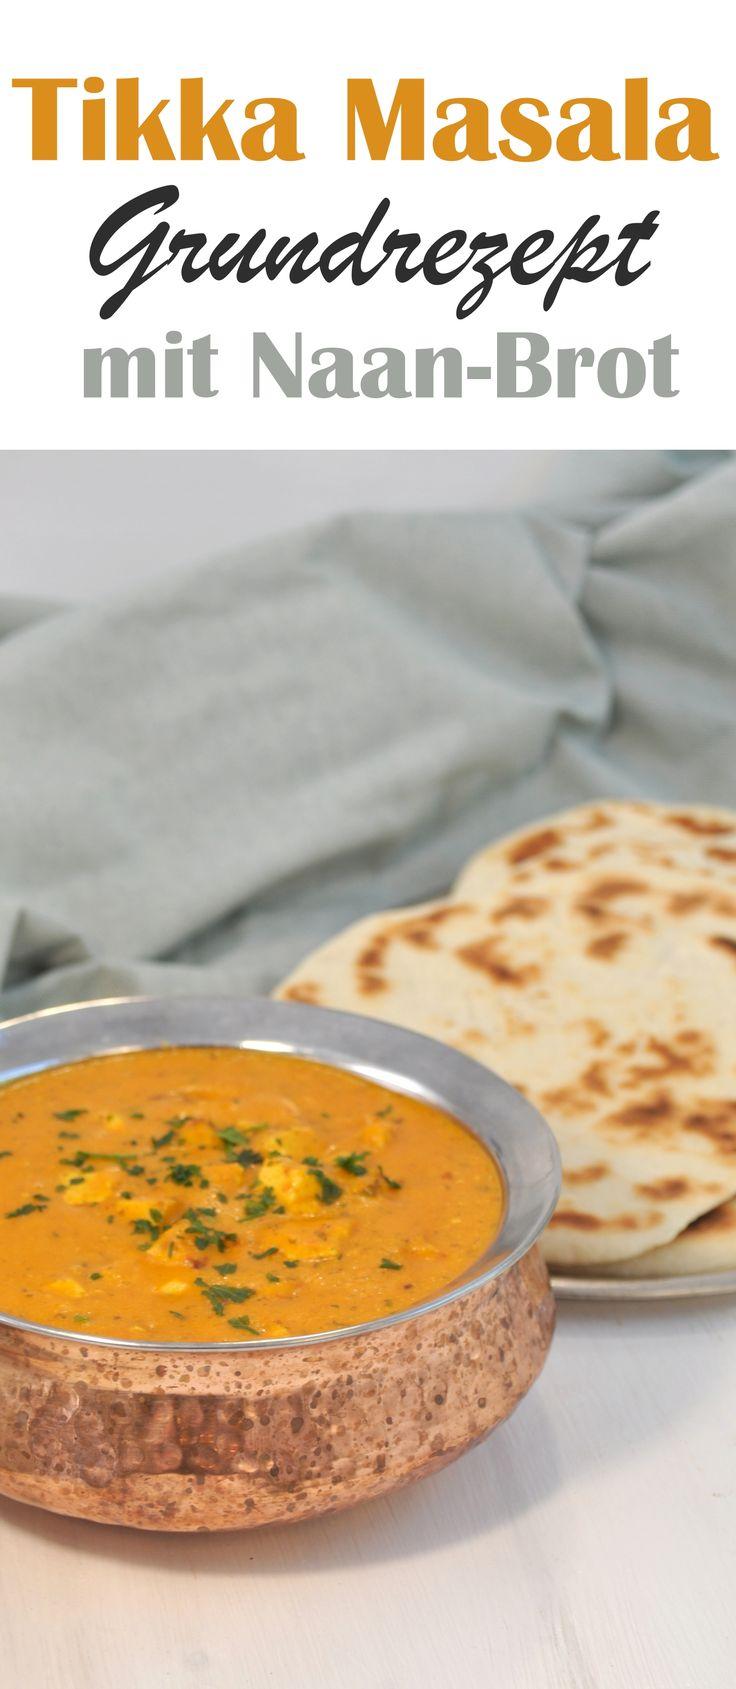 Tikka Masala Grundrezept für Paneer, vegan mit Tofu oder Chicken Tikka Masala aus dem Thermomix